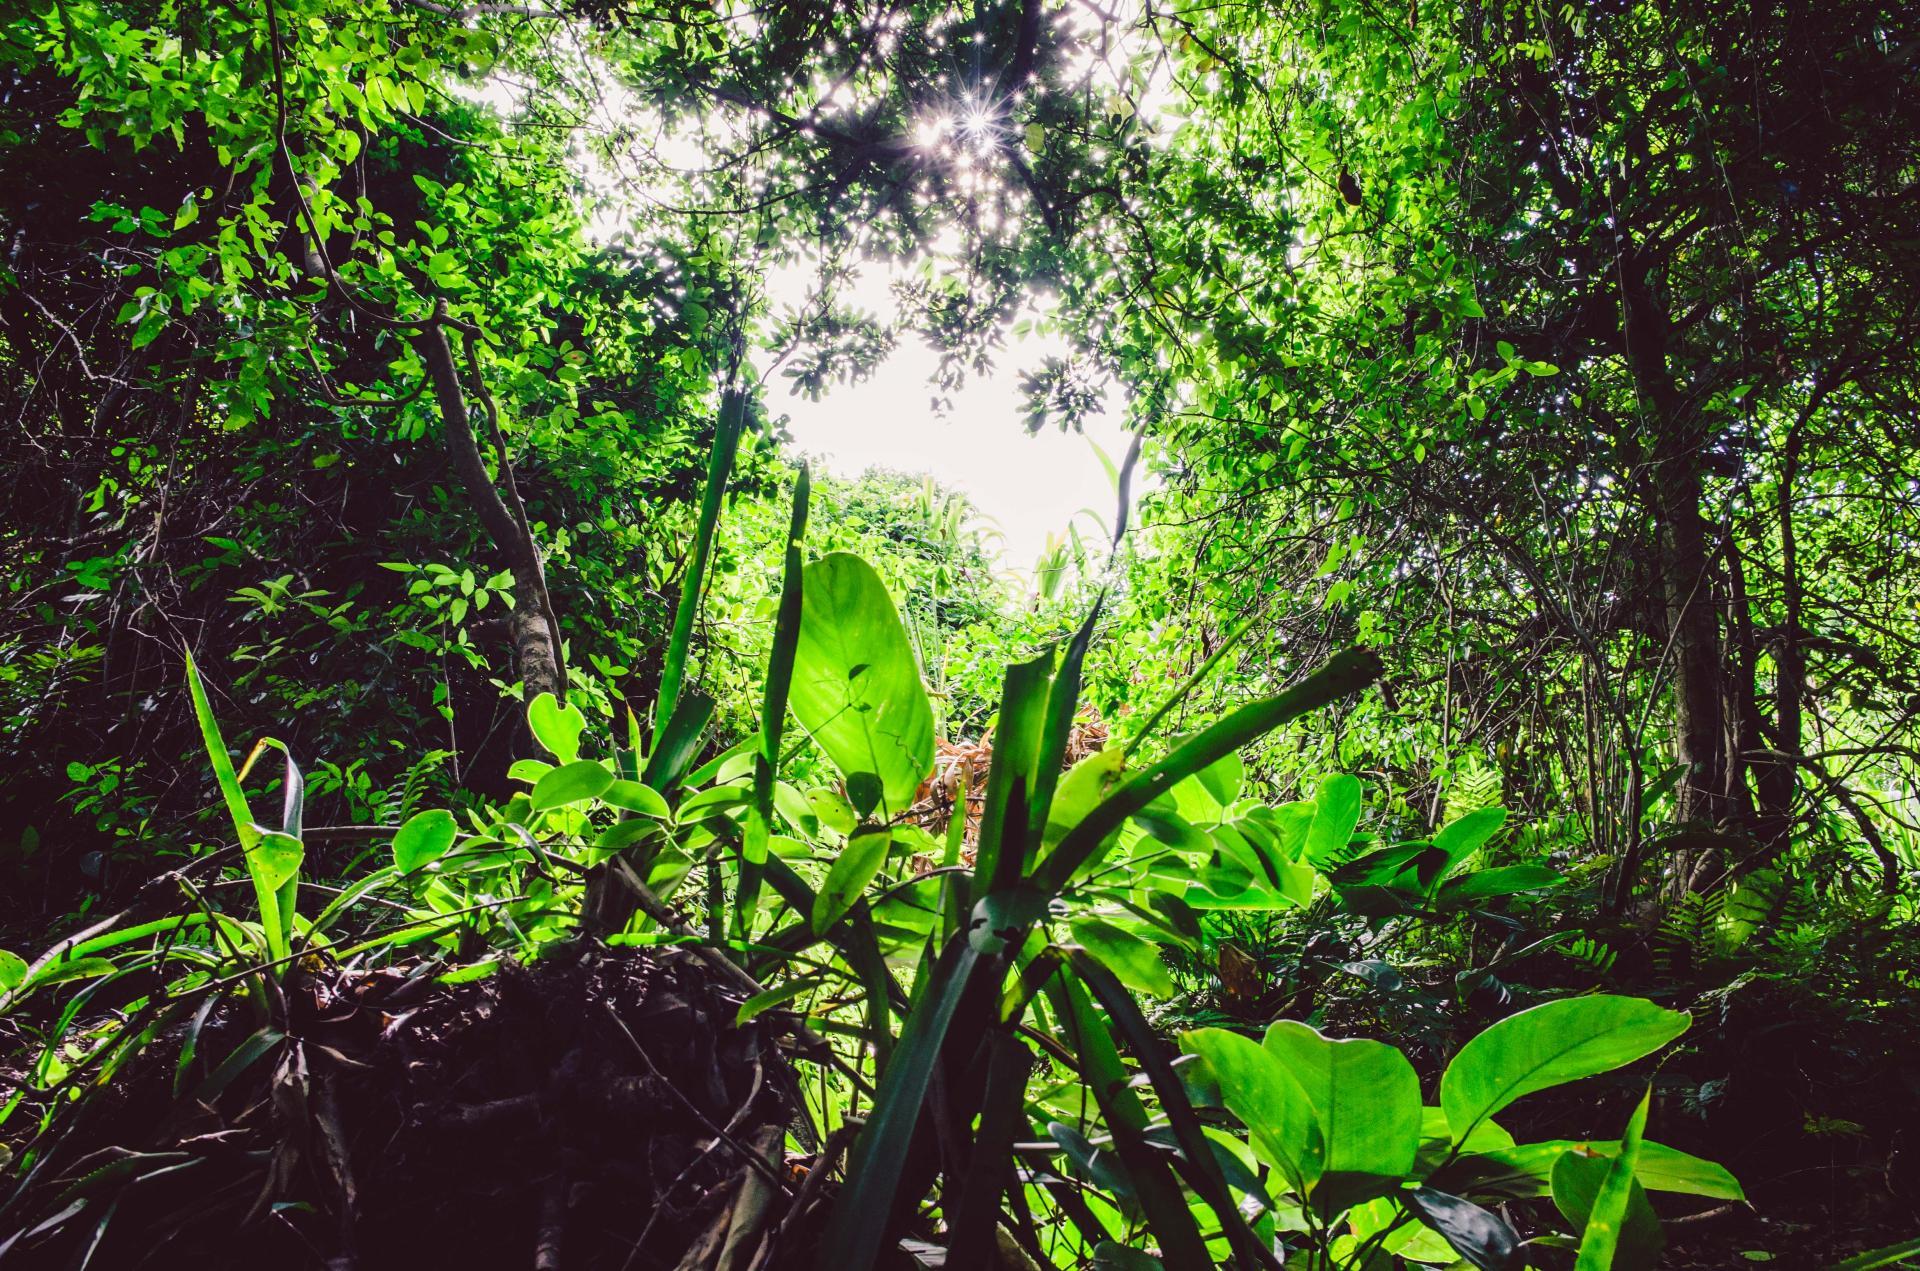 Atlantic Rainforest in Florianopolis